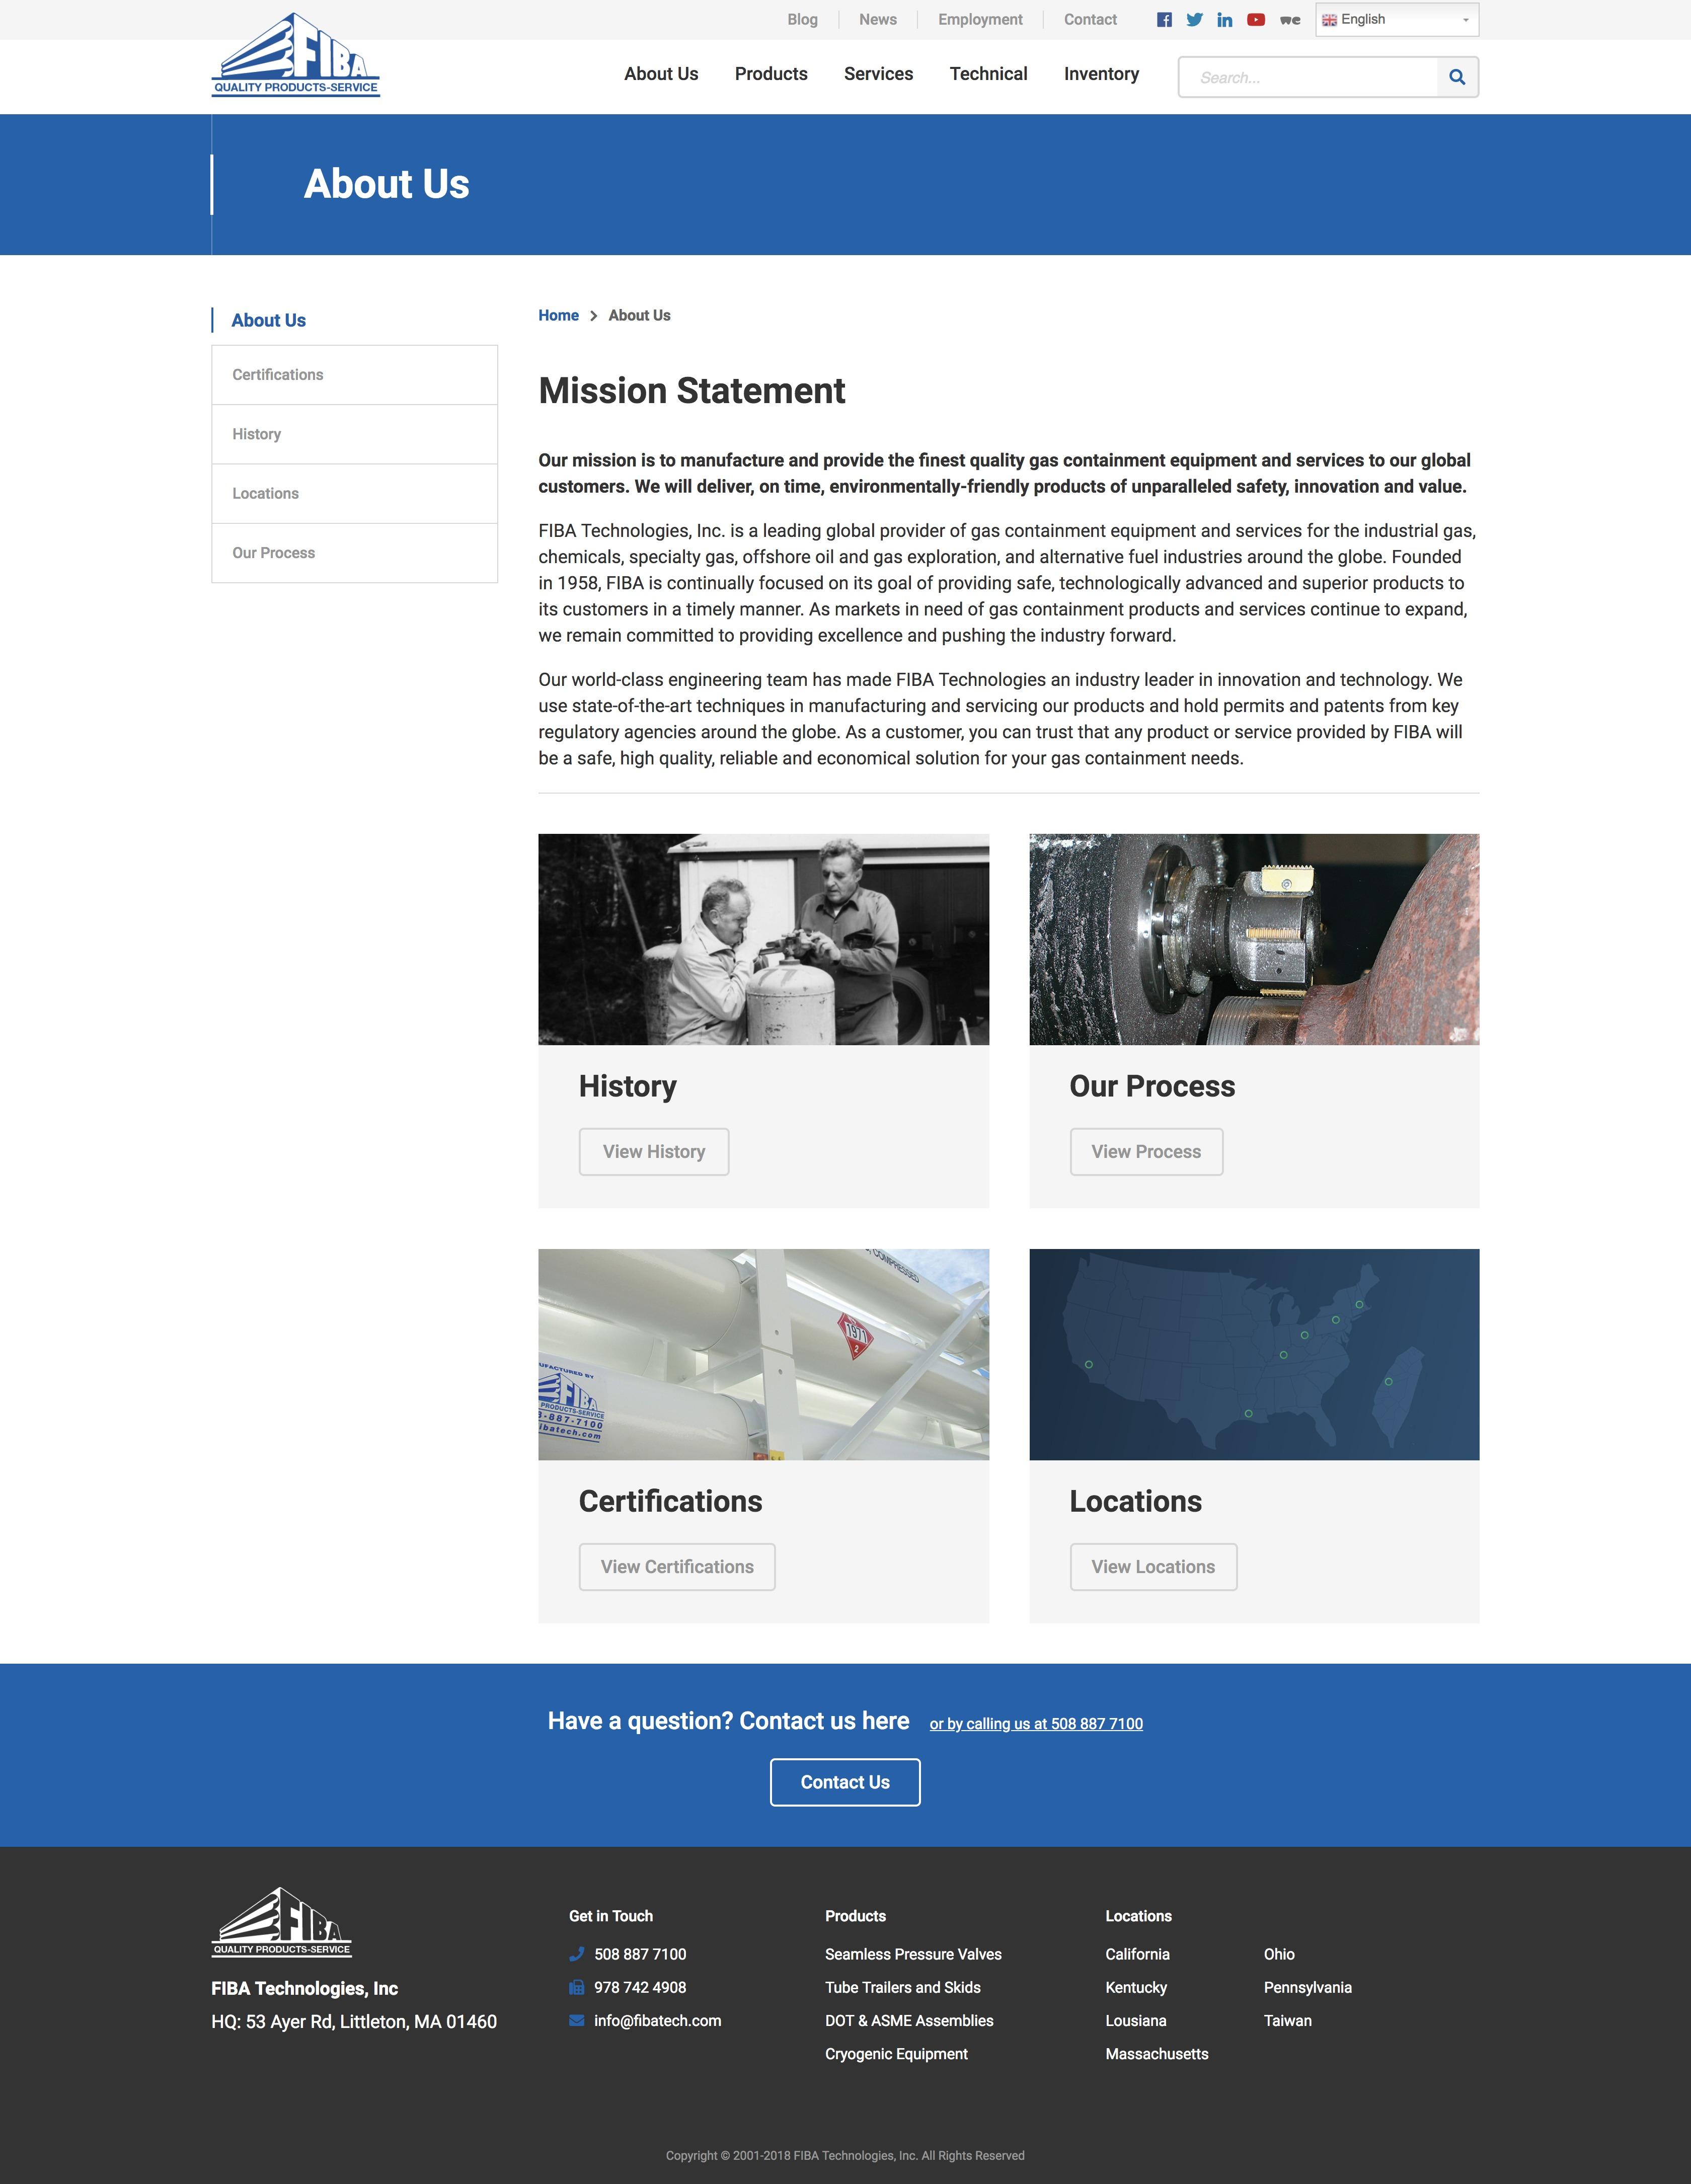 FIBA Tech about page